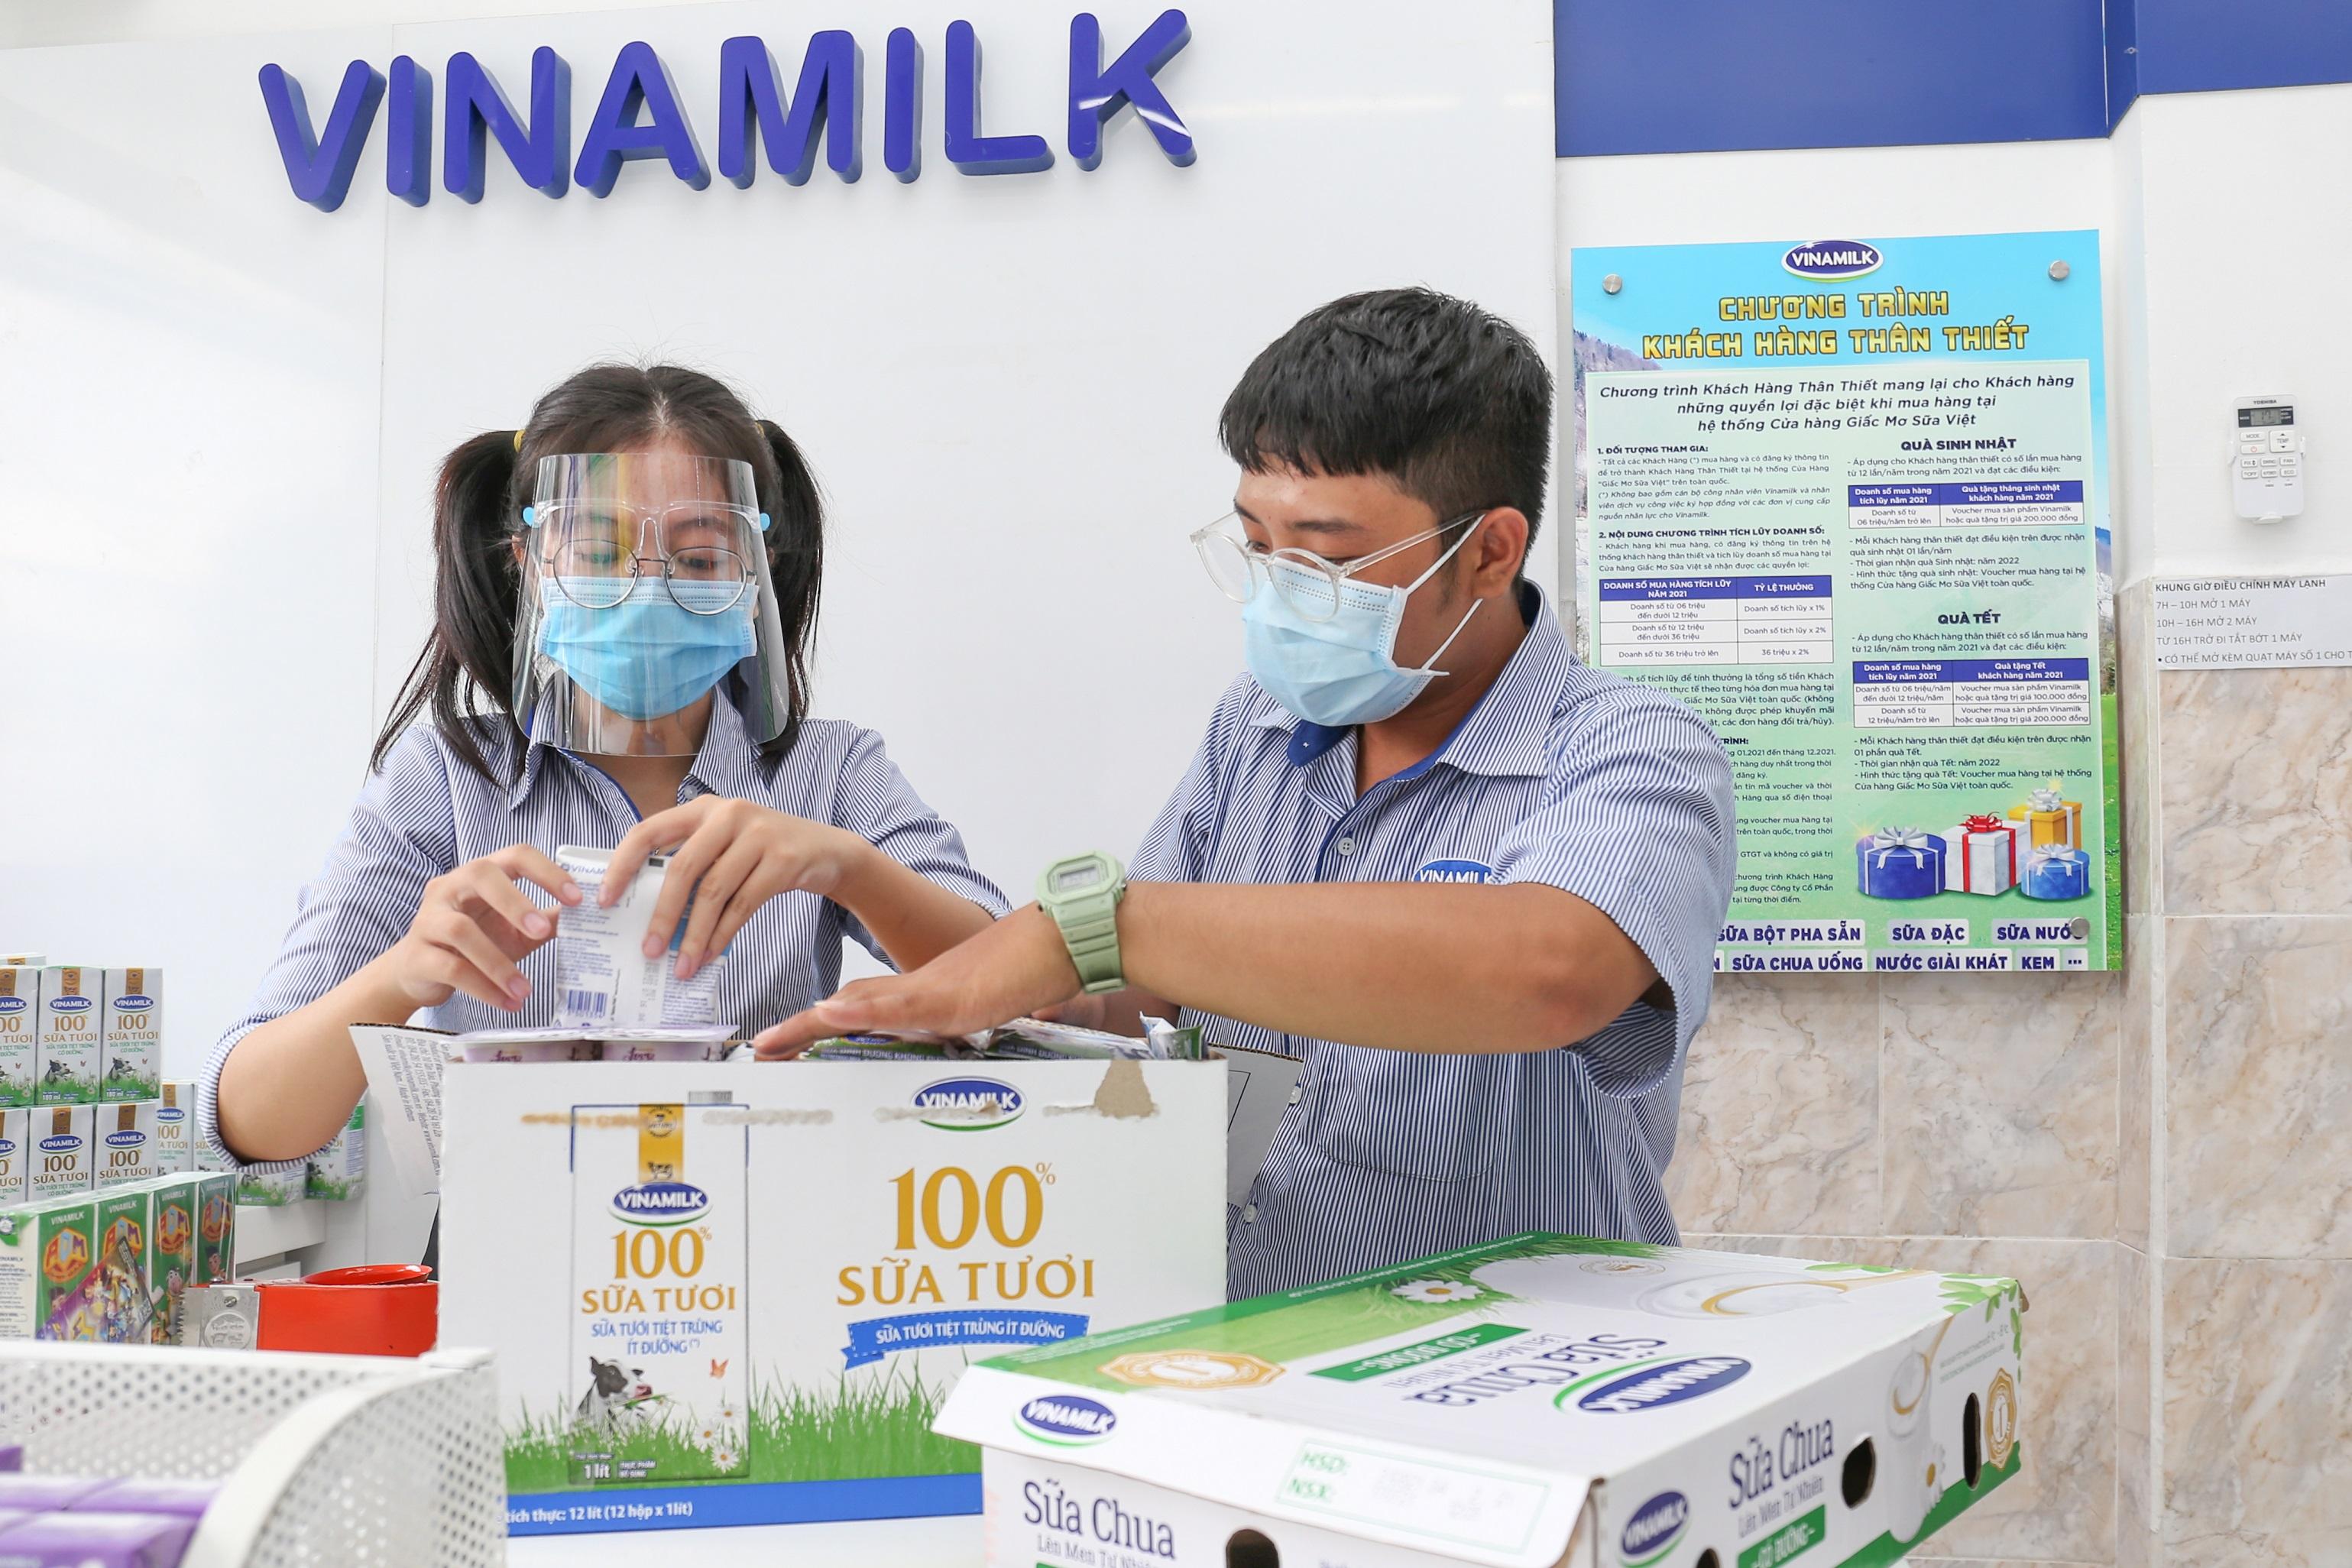 Hệ thống cửa hàng Giấc Mơ Sữa Việt của Vinamilk tăng cường hình thức bán hàng trực tuyến, giao hàng tại nhà để đáp ứng nhu cầu của người dân